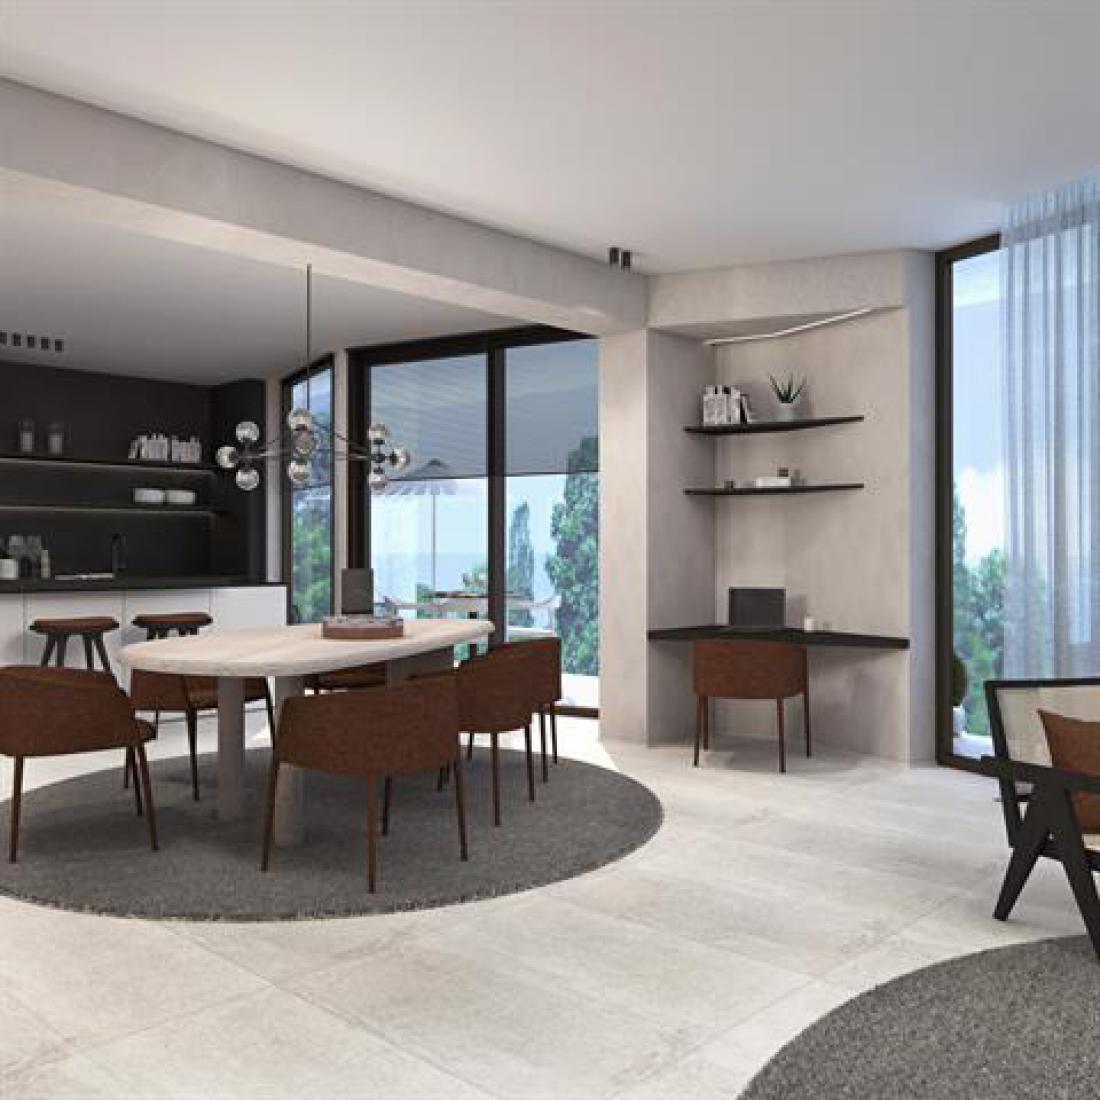 Nieuw appartement door interieurarchitecten Lievois